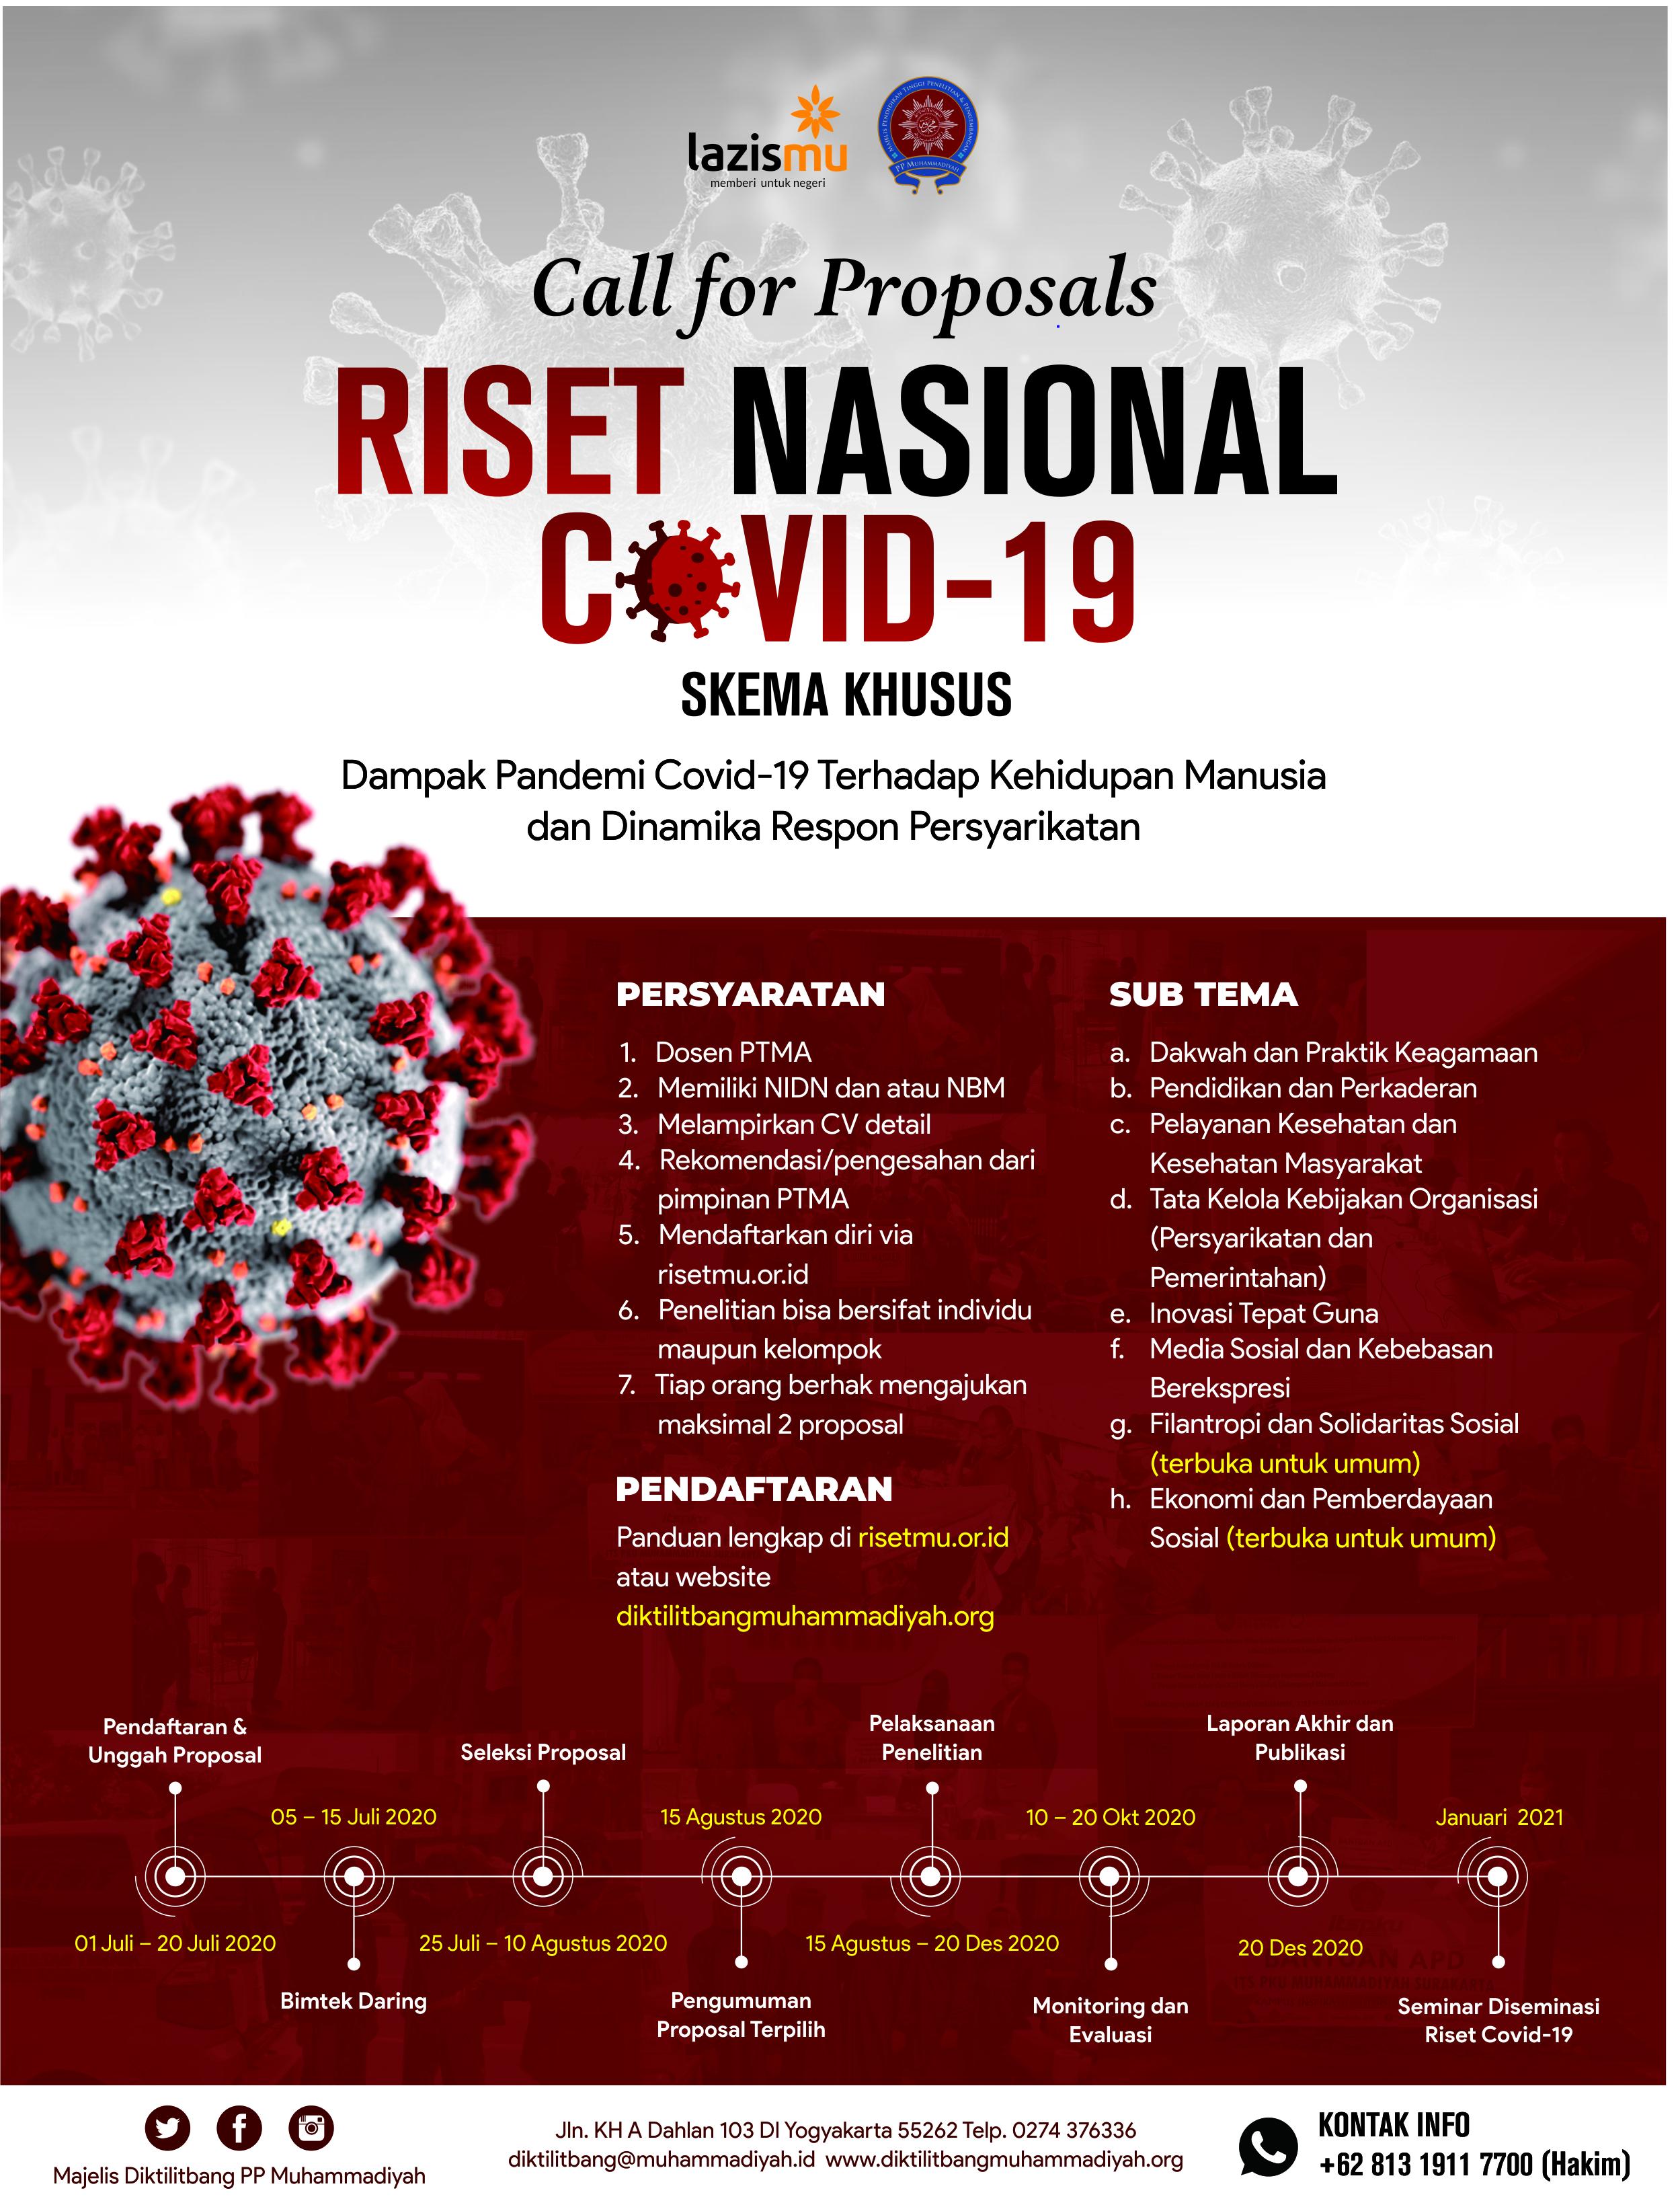 Majelis Diktilitbang PPM Gelar Riset Nasional Covid-19